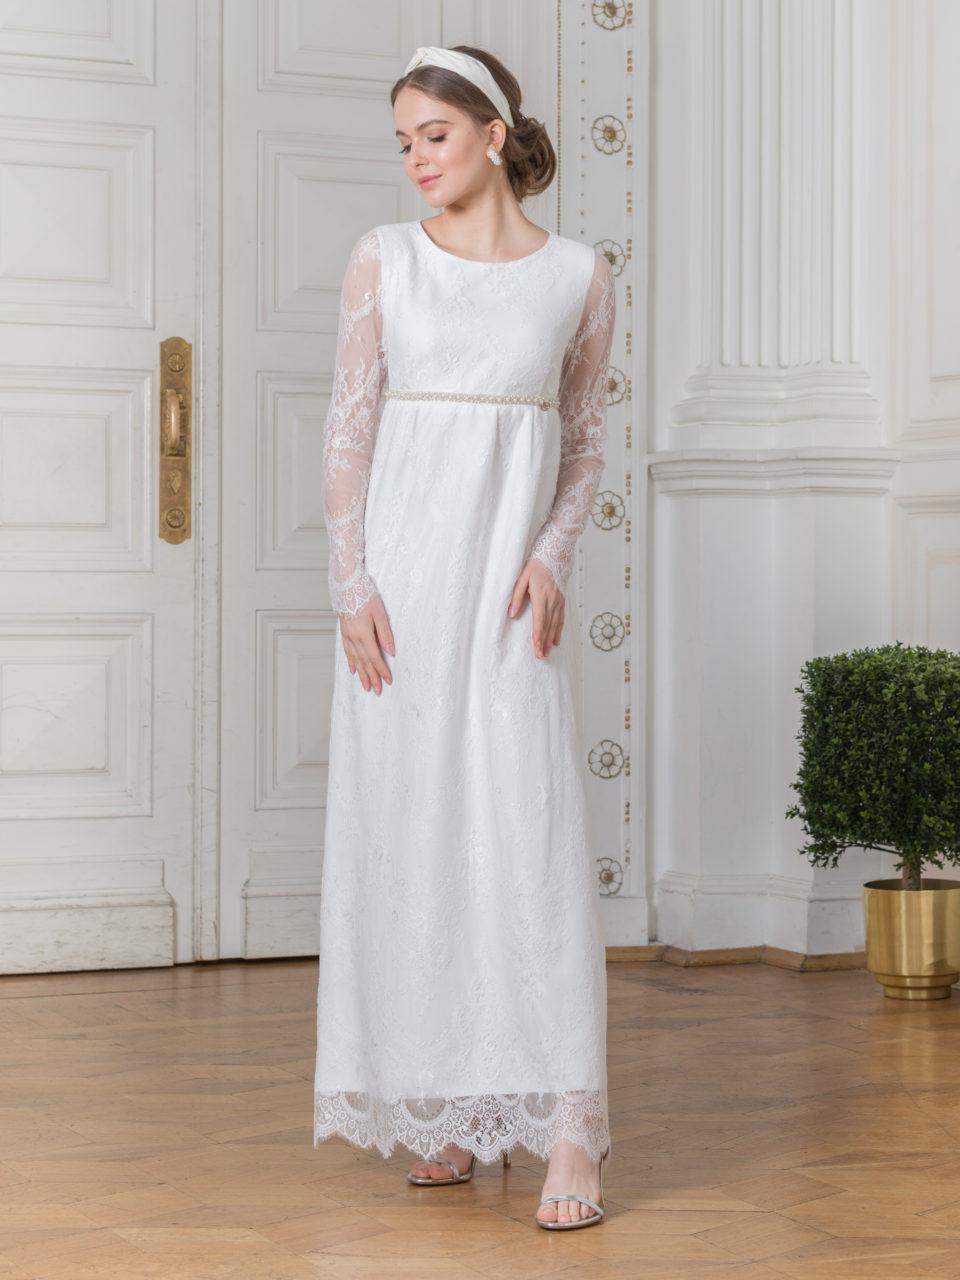 Dress 1858